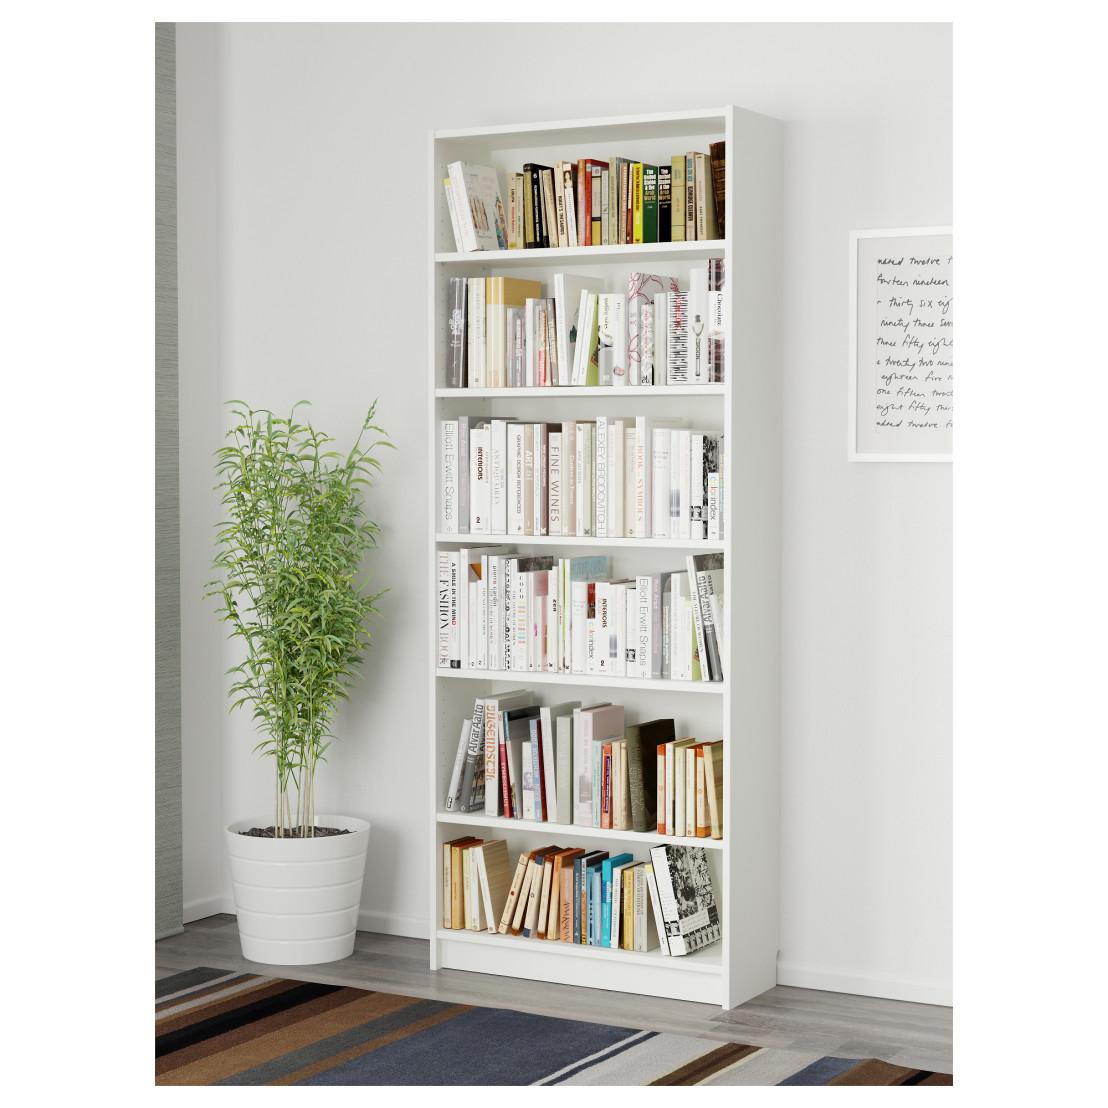 billy-biblioteka-byalo-2(1)